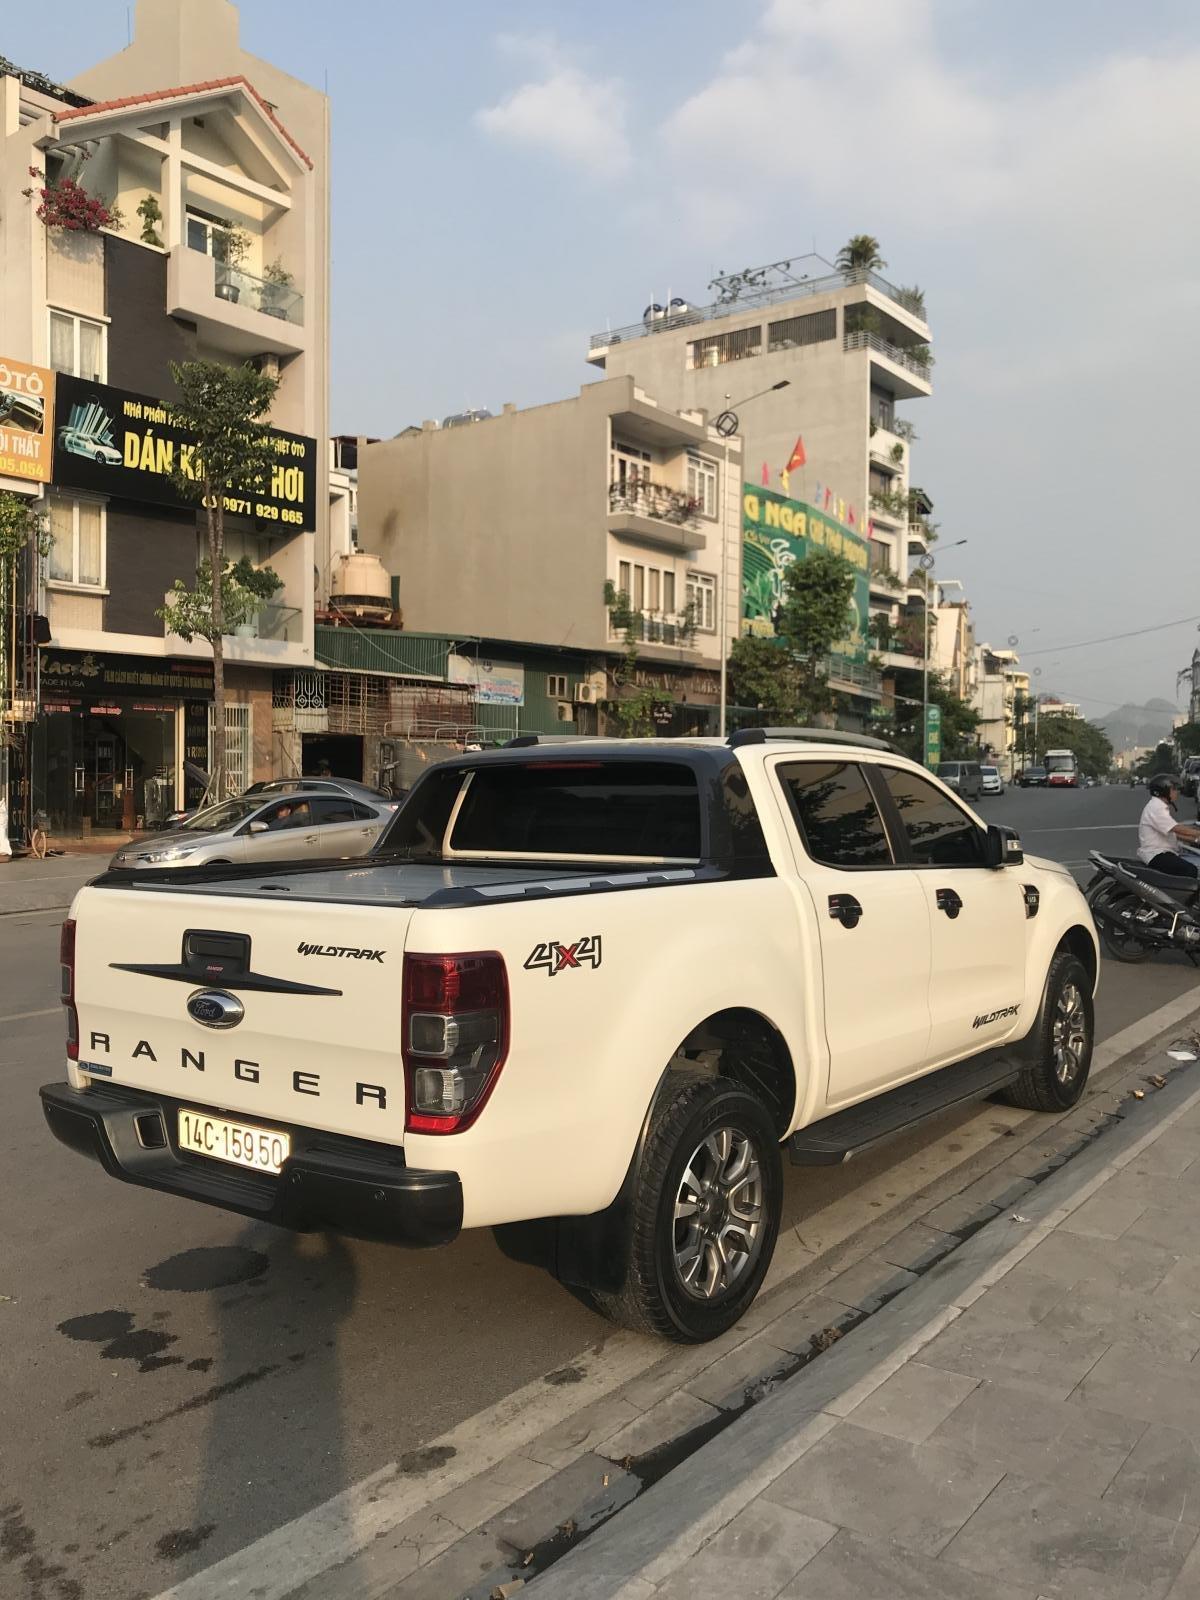 Cần bán xe Ford Ranger Wildtrak 3.2 4x4 AT đời 2016, màu trắng, xe chính chủ, nhập khẩu Thái Lan, liên hệ: 0982255966 (4)